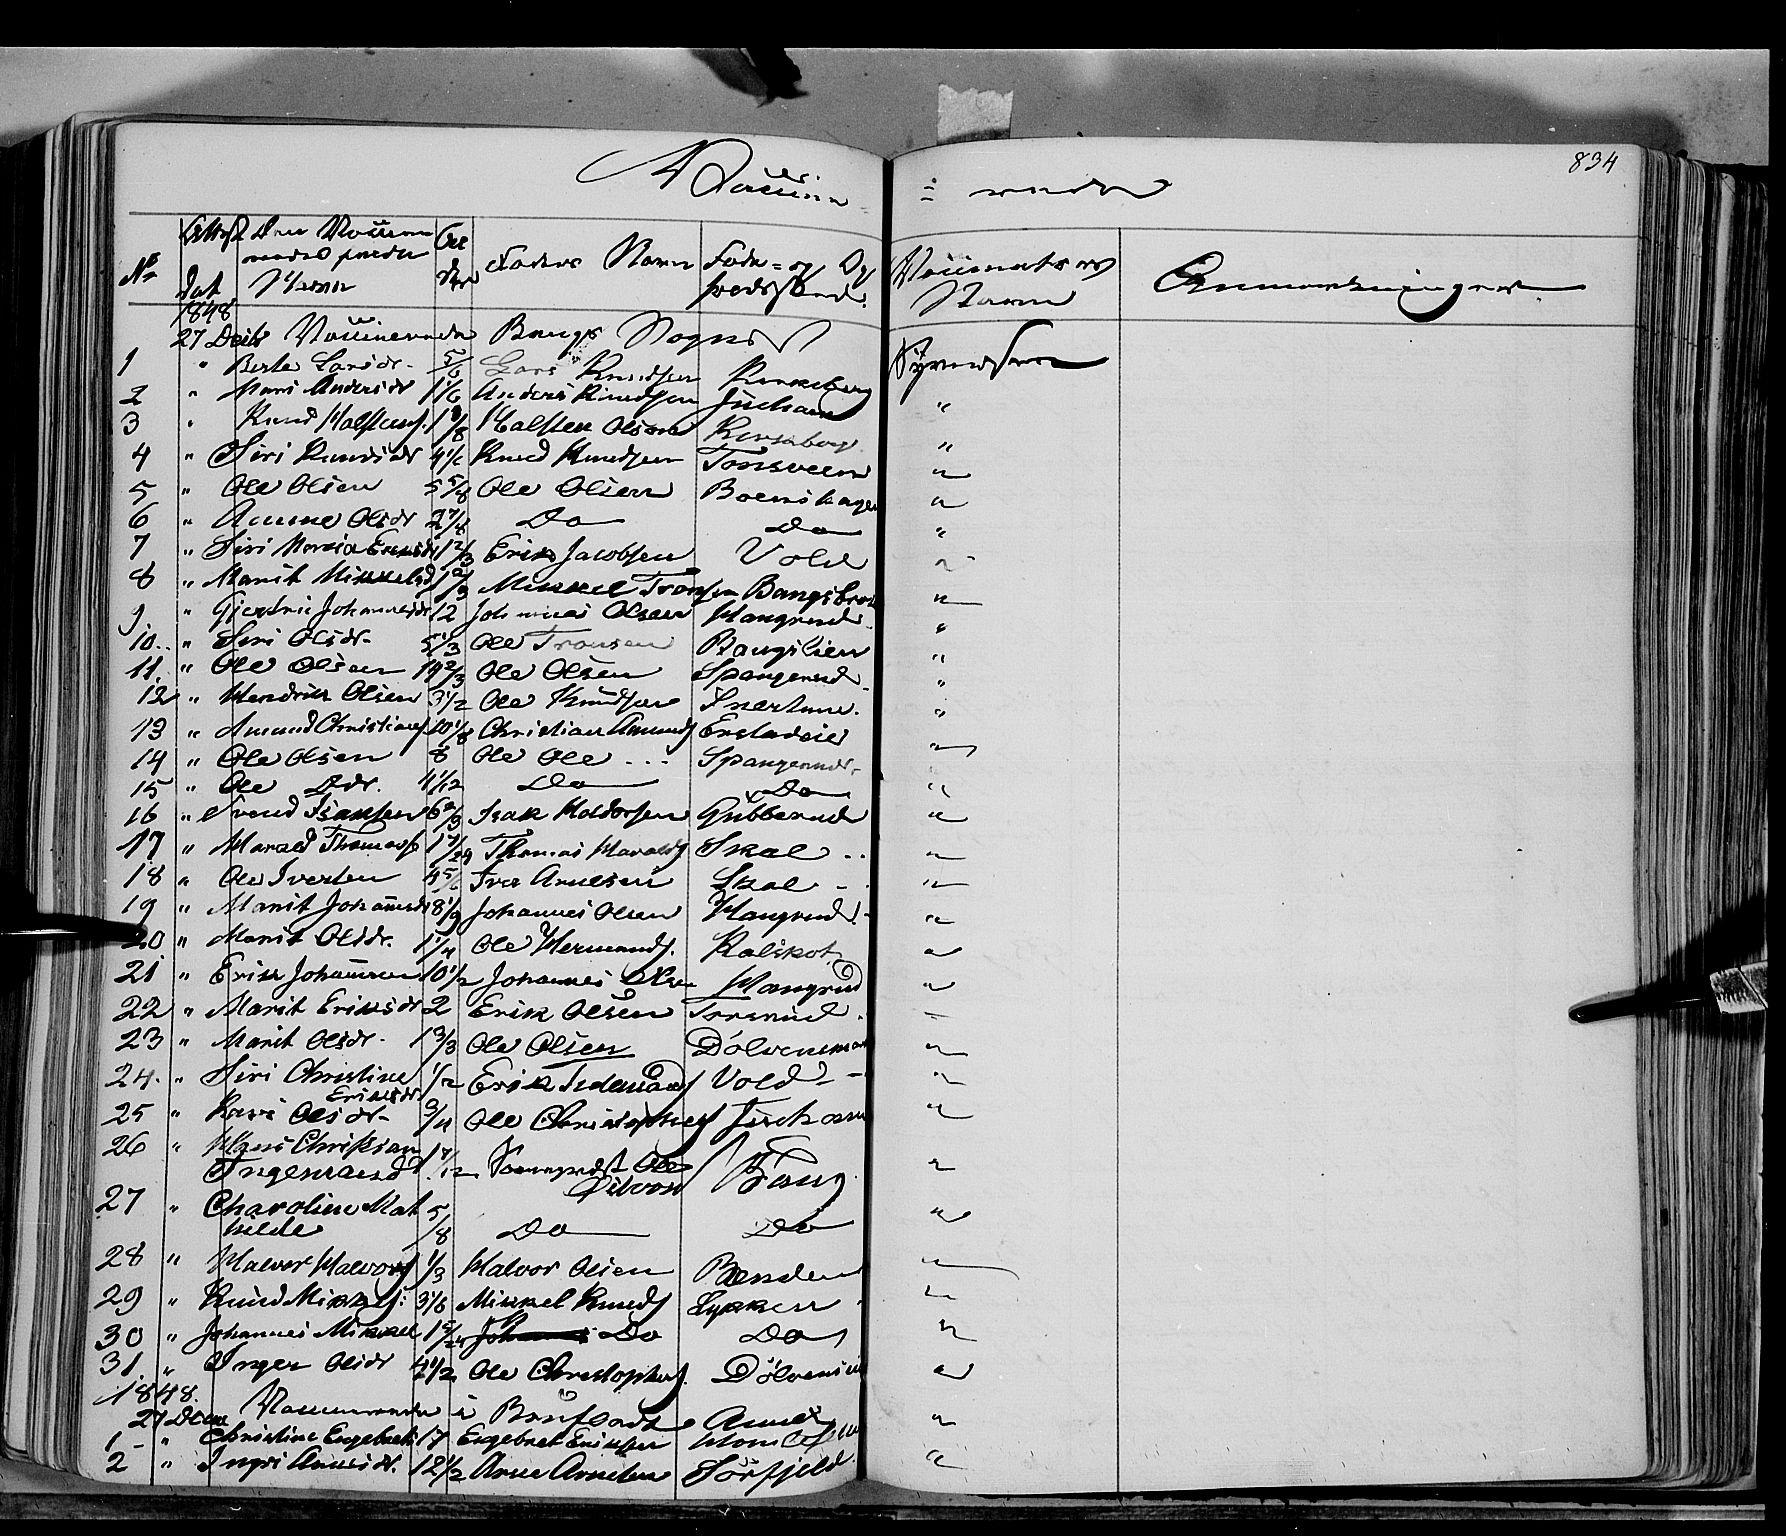 SAH, Sør-Aurdal prestekontor, Ministerialbok nr. 4, 1841-1849, s. 833-834